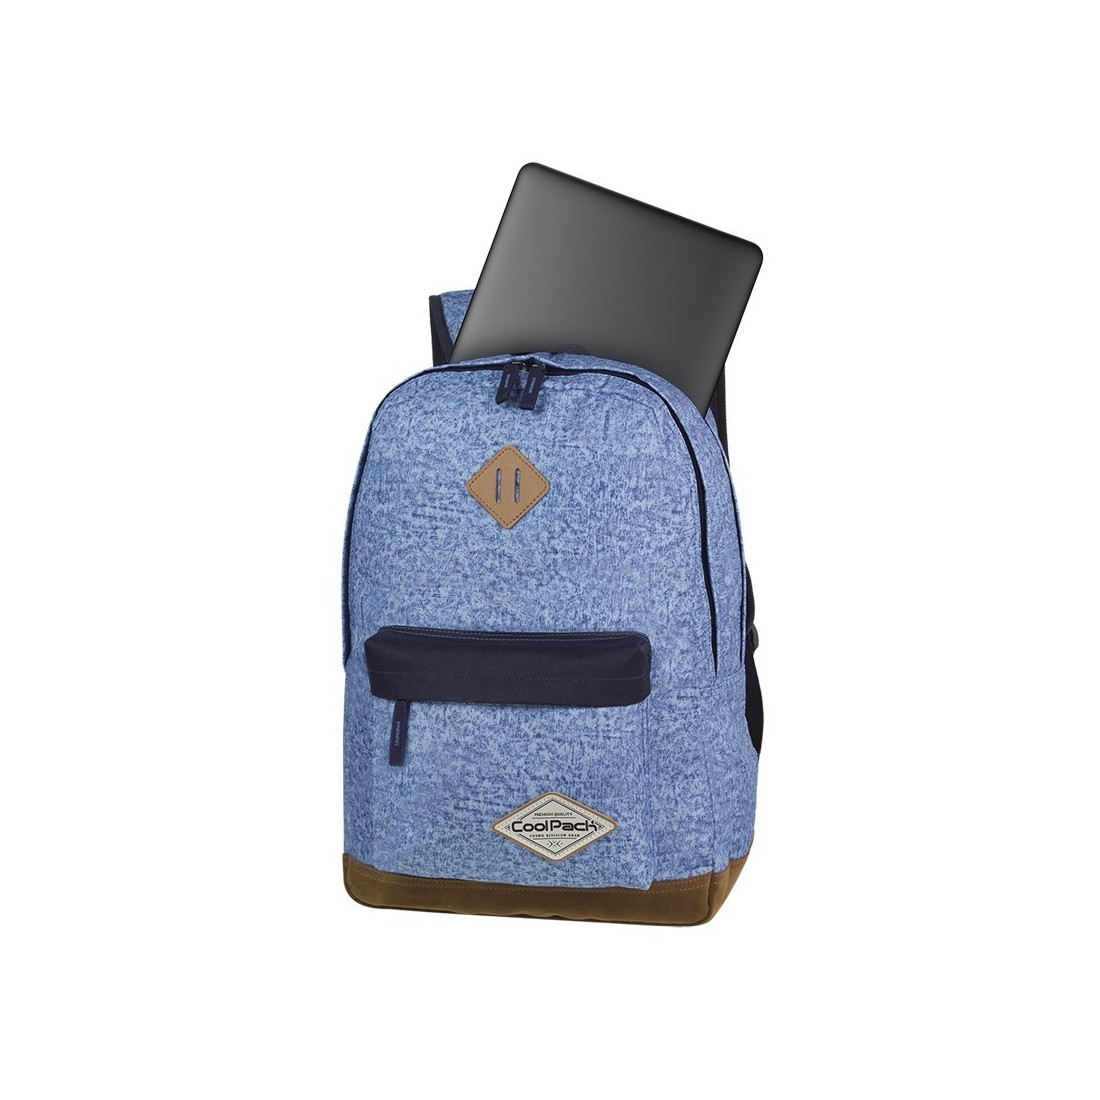 Plecak młodzieżowy CoolPack CP SCOUT SHABBY BLUE niebieski melanż czarne elementy kieszeń na laptop - A119